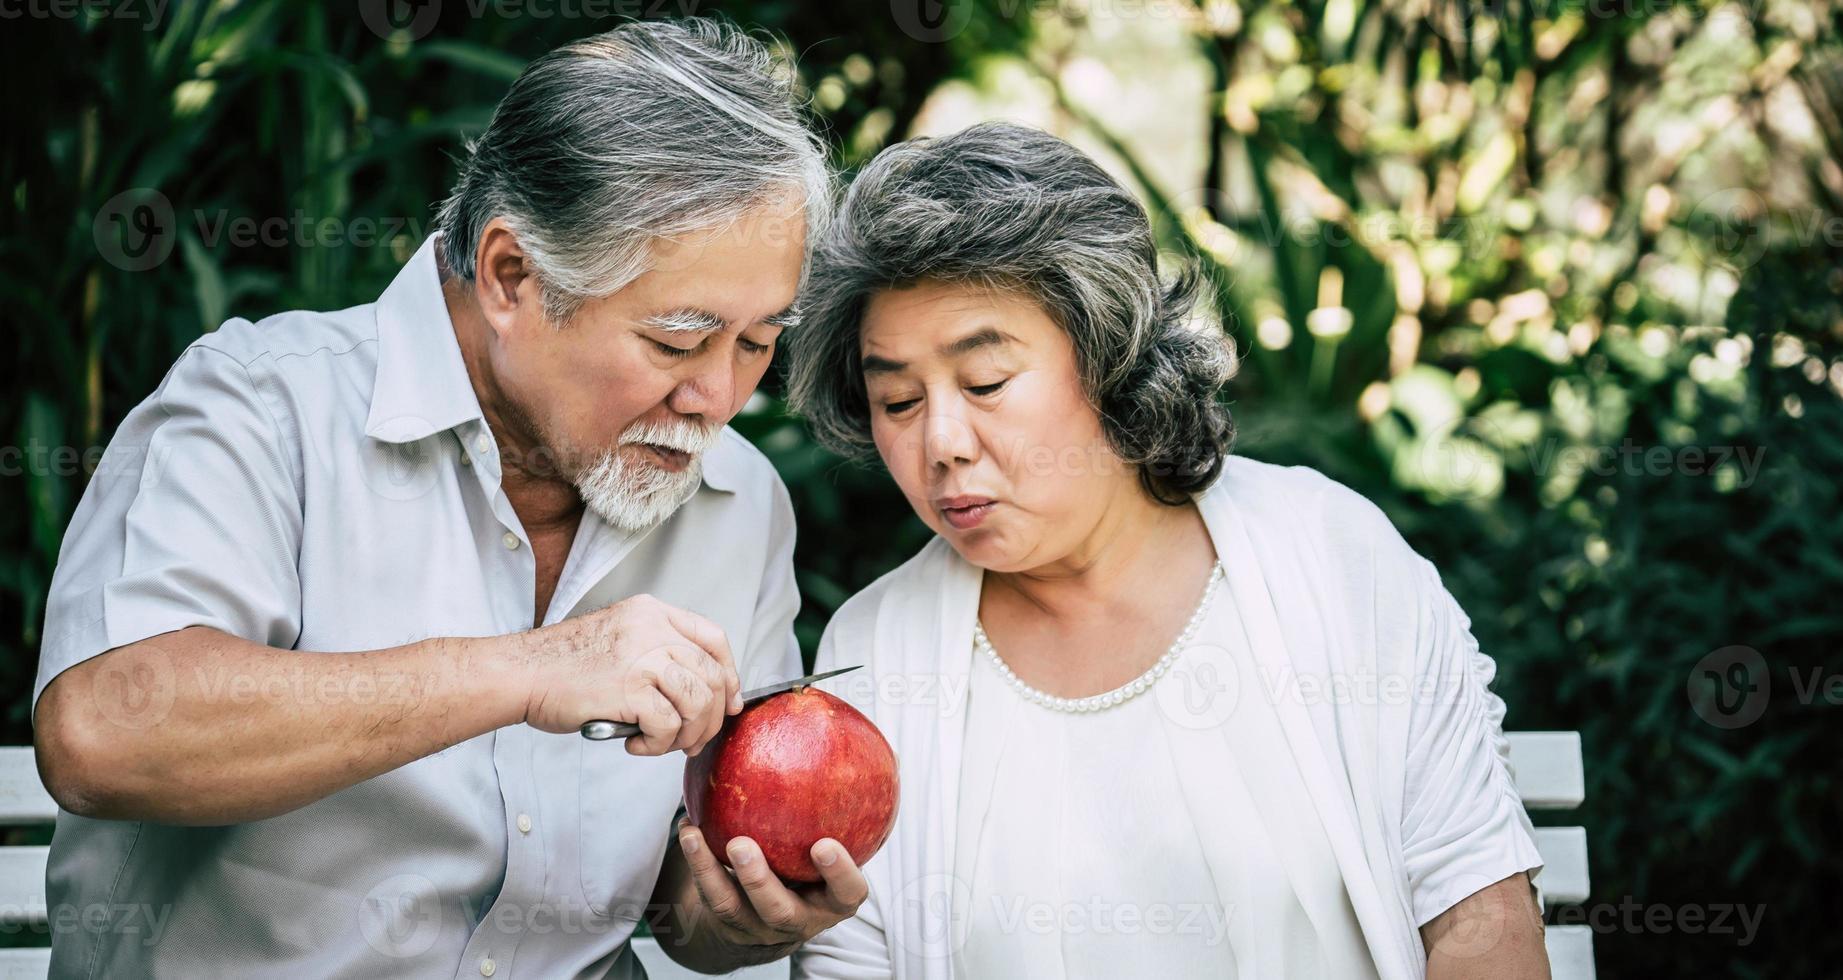 pareja de ancianos cortando y comiendo fruta foto